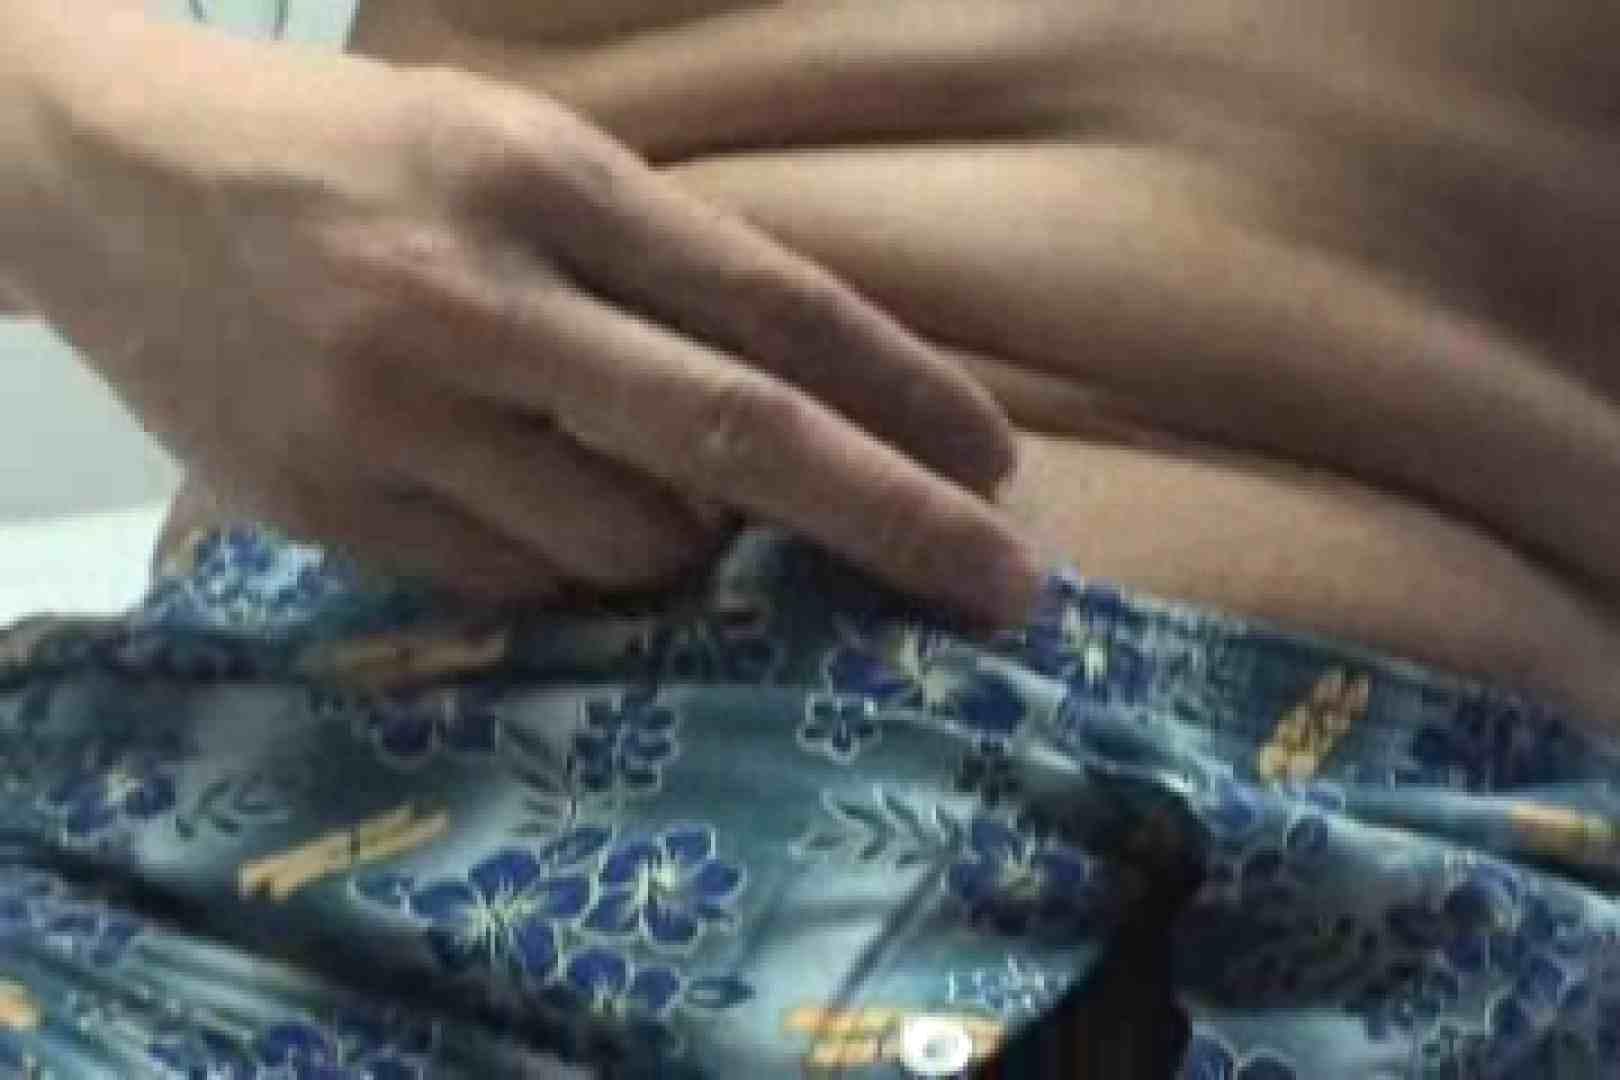 ガチ投稿!素人さんのセンズリ&射精vol4 オナニー | 発射シーン アダルトビデオ画像キャプチャ 111枚 30